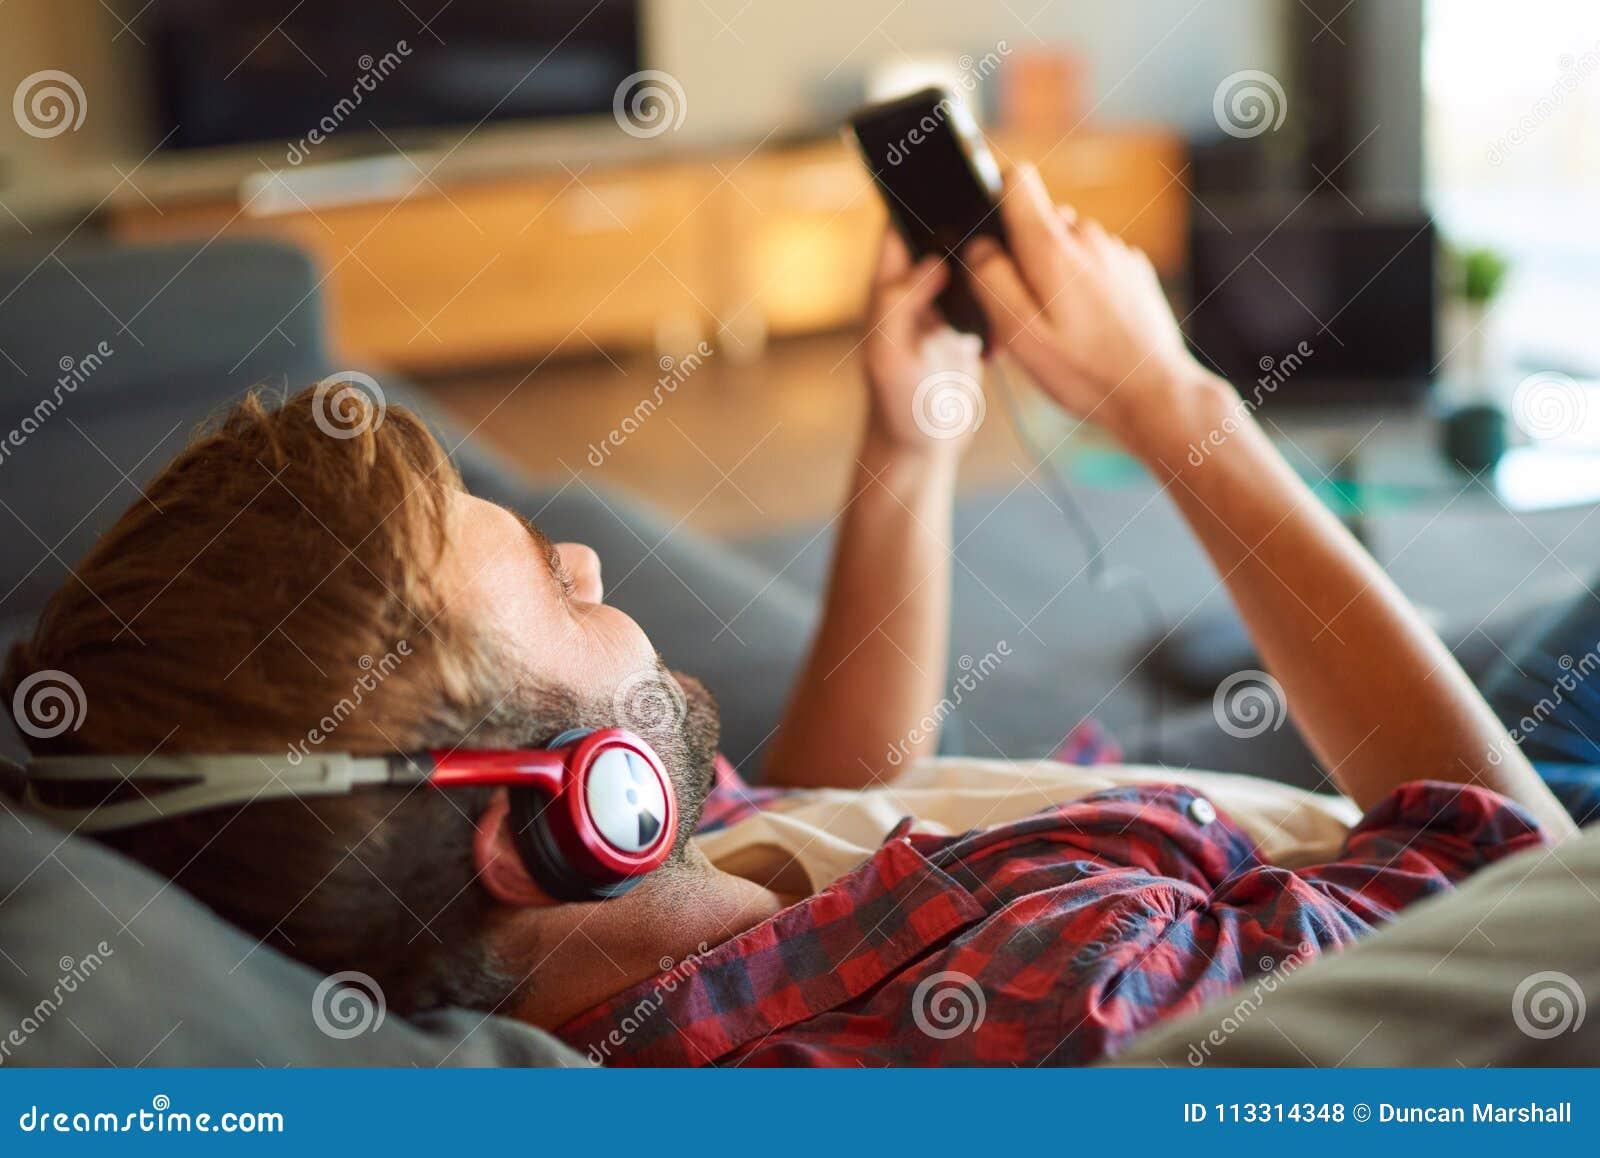 Sobre el hombro del individuo que escucha la música del teléfono